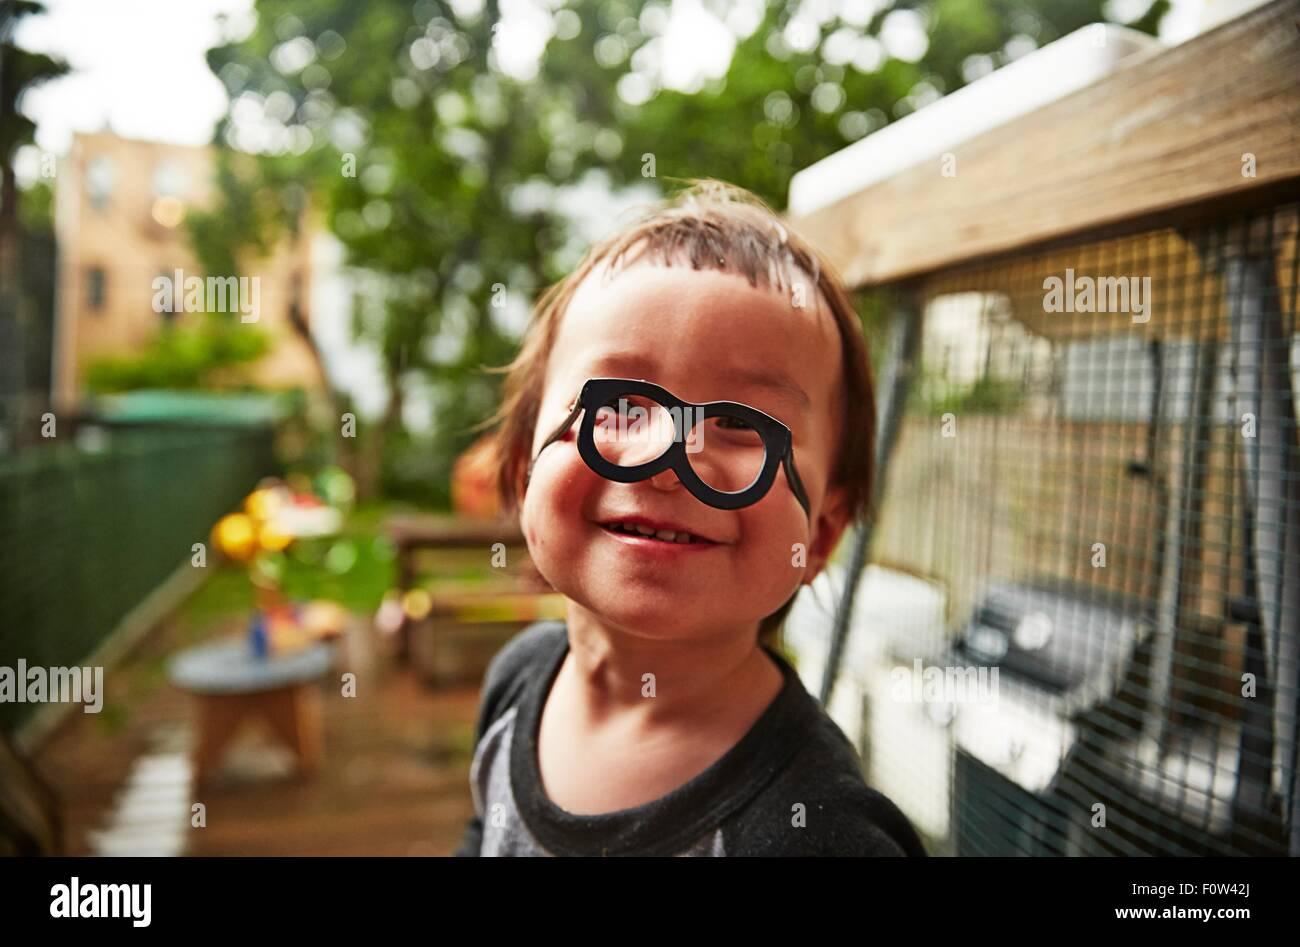 Chico con divertidos espectáculos en el jardín Imagen De Stock